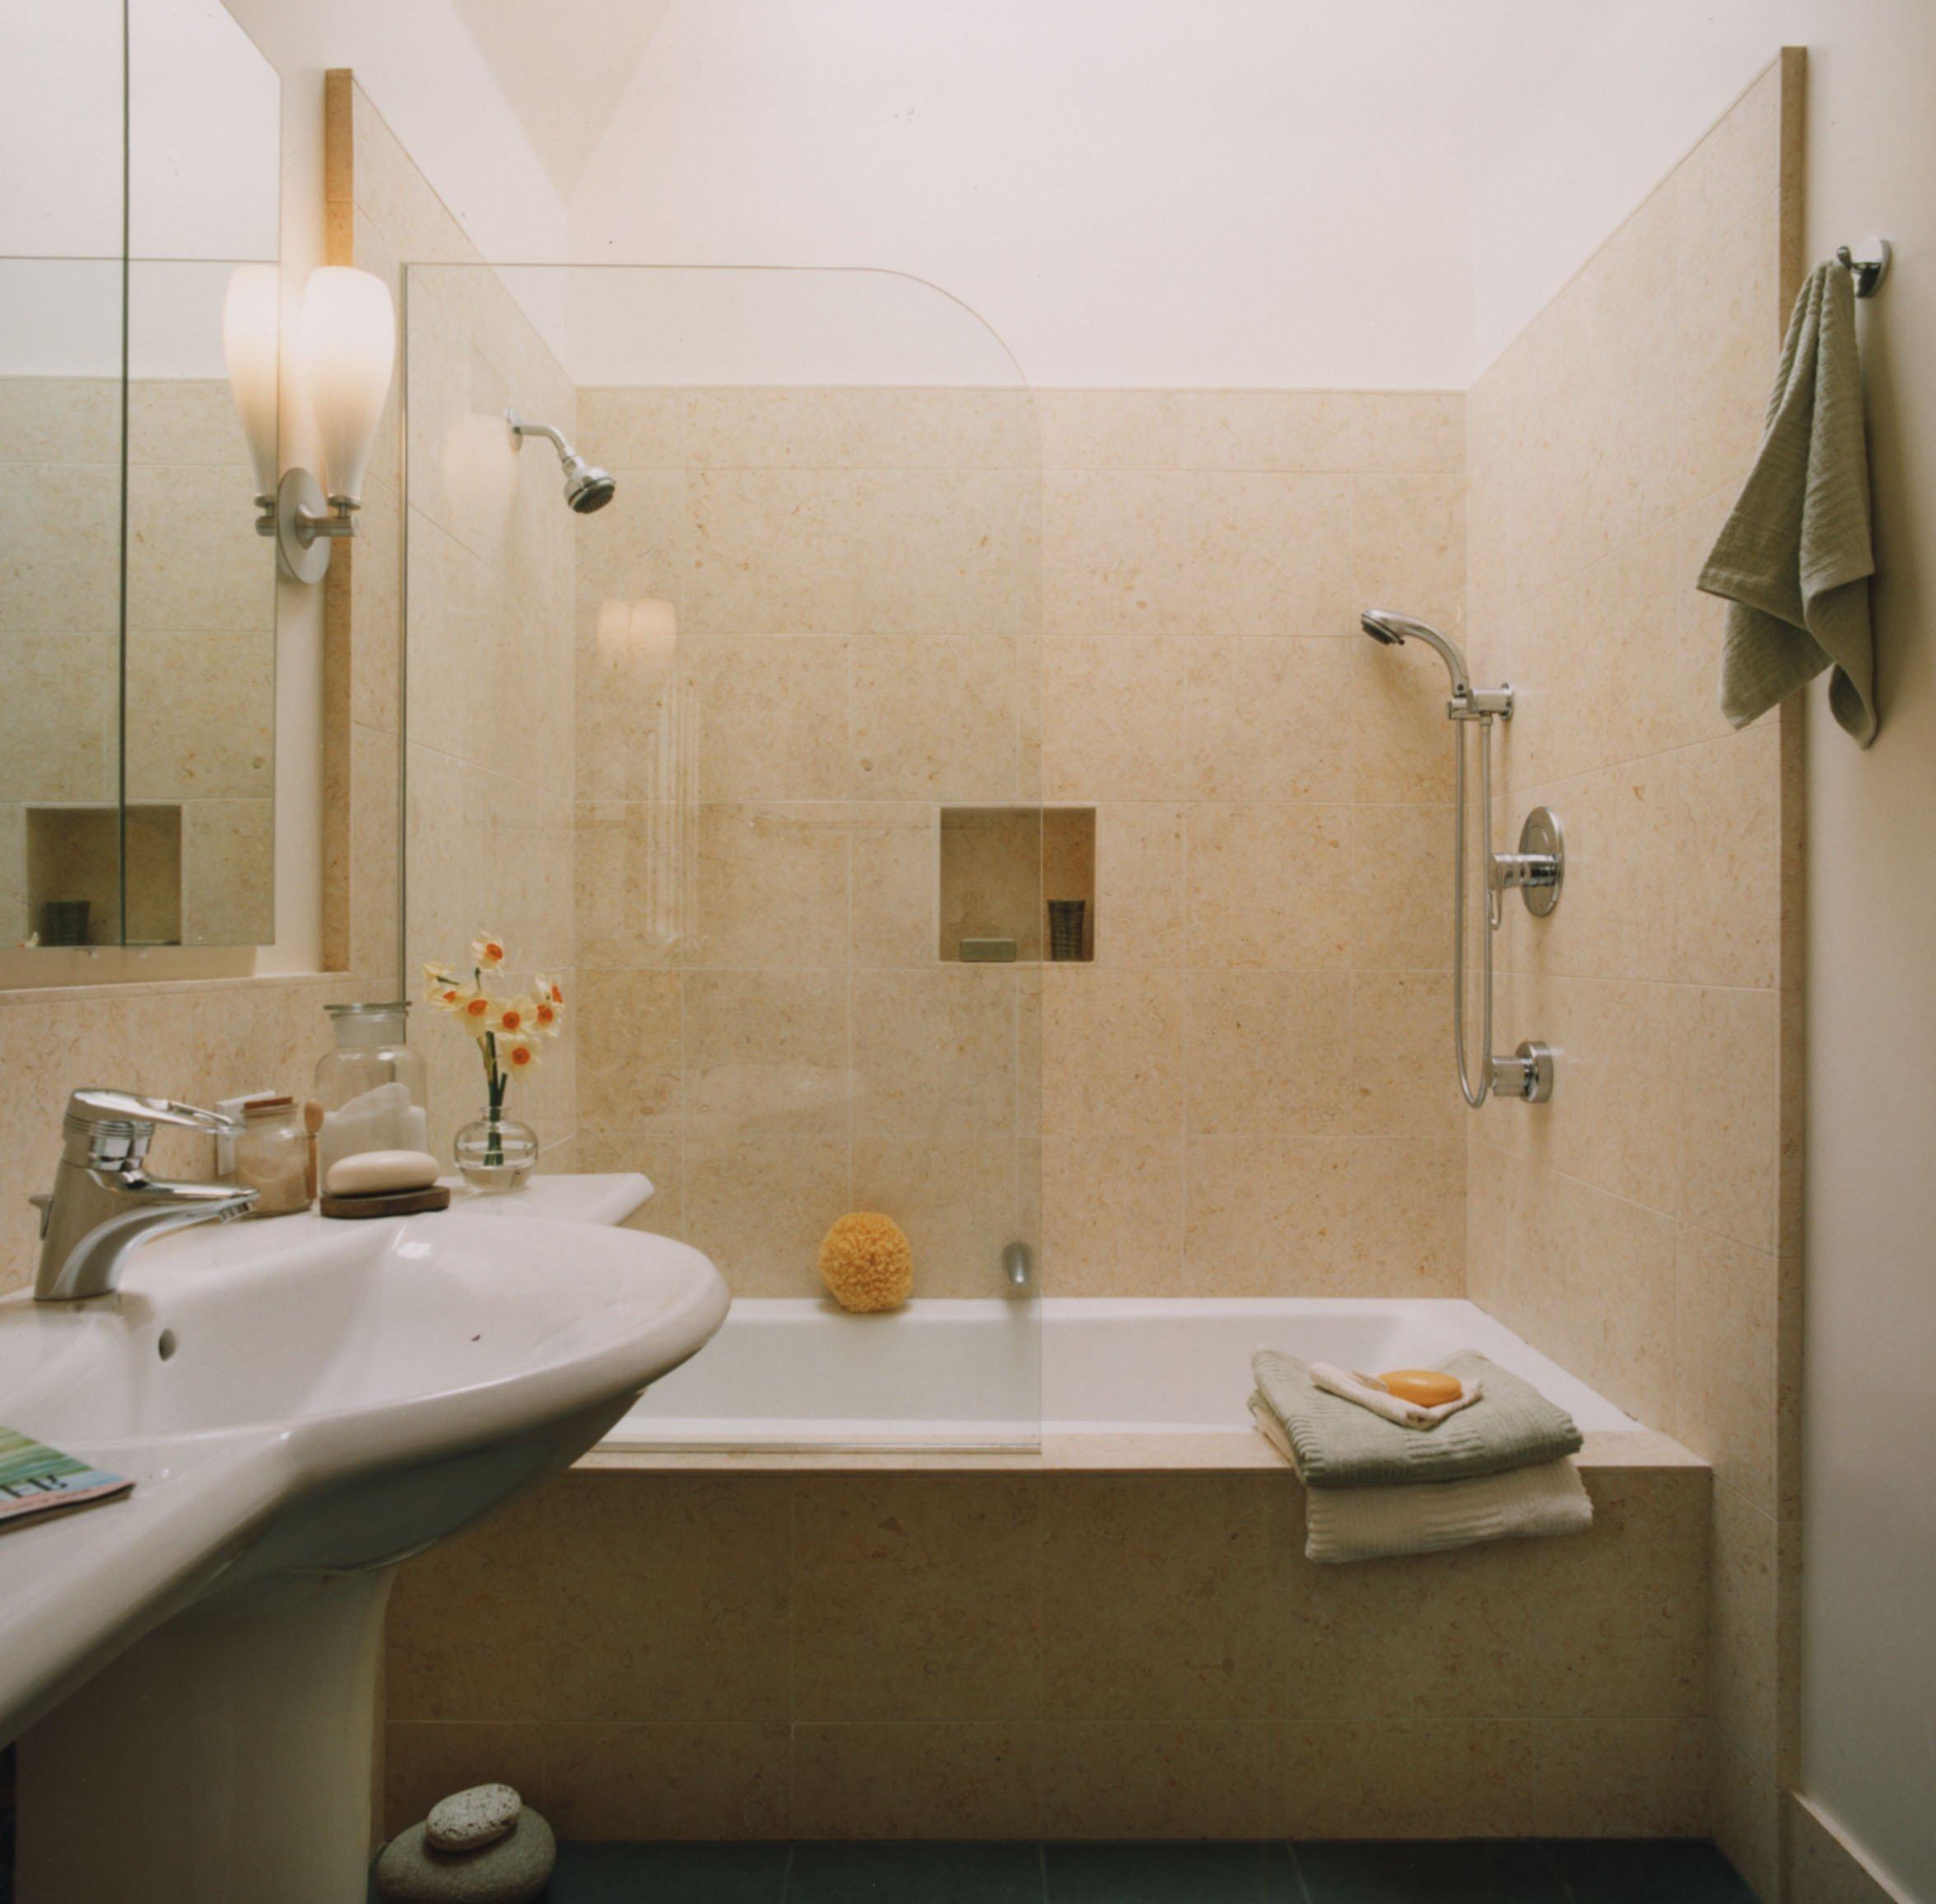 ванная комната в минималистическом стиле в темных тонах